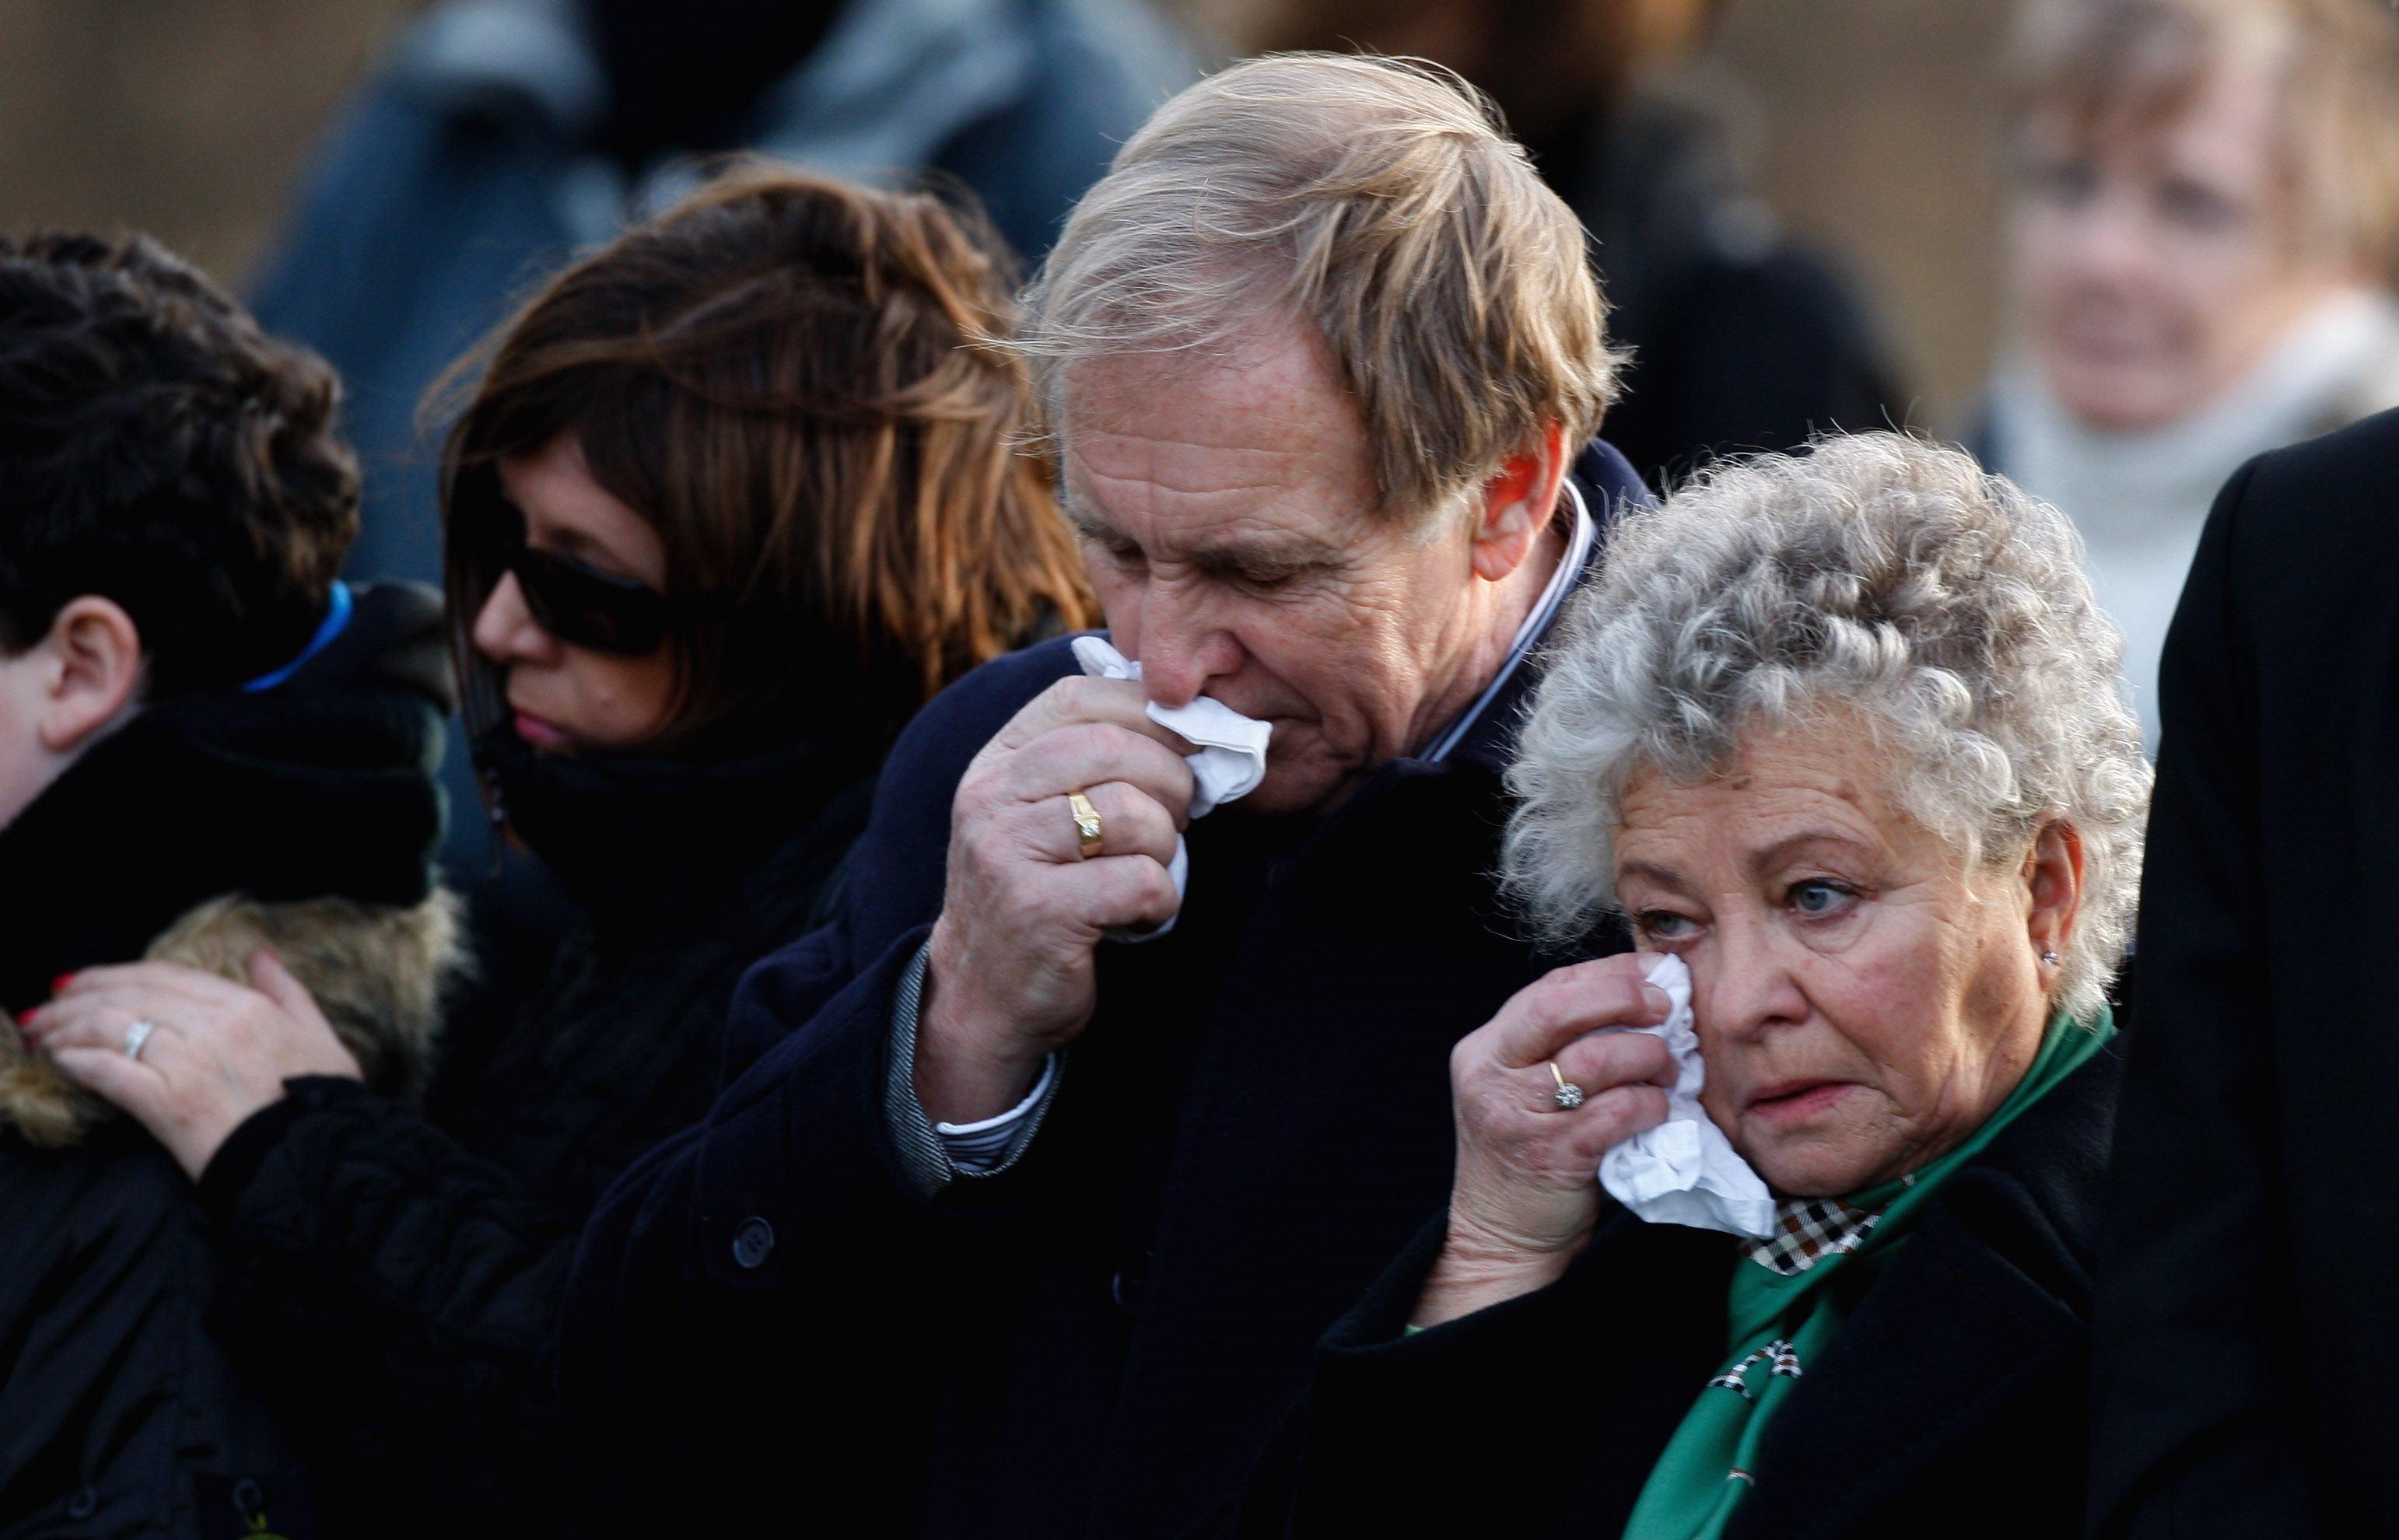 الذكرى العشرين لمقتل 270 إثر انفجار طائرة ركاب في سماء لوكربي في أسكتلندا في المملكة المتحدة 21 ديسبمر/كانون الأول 2008